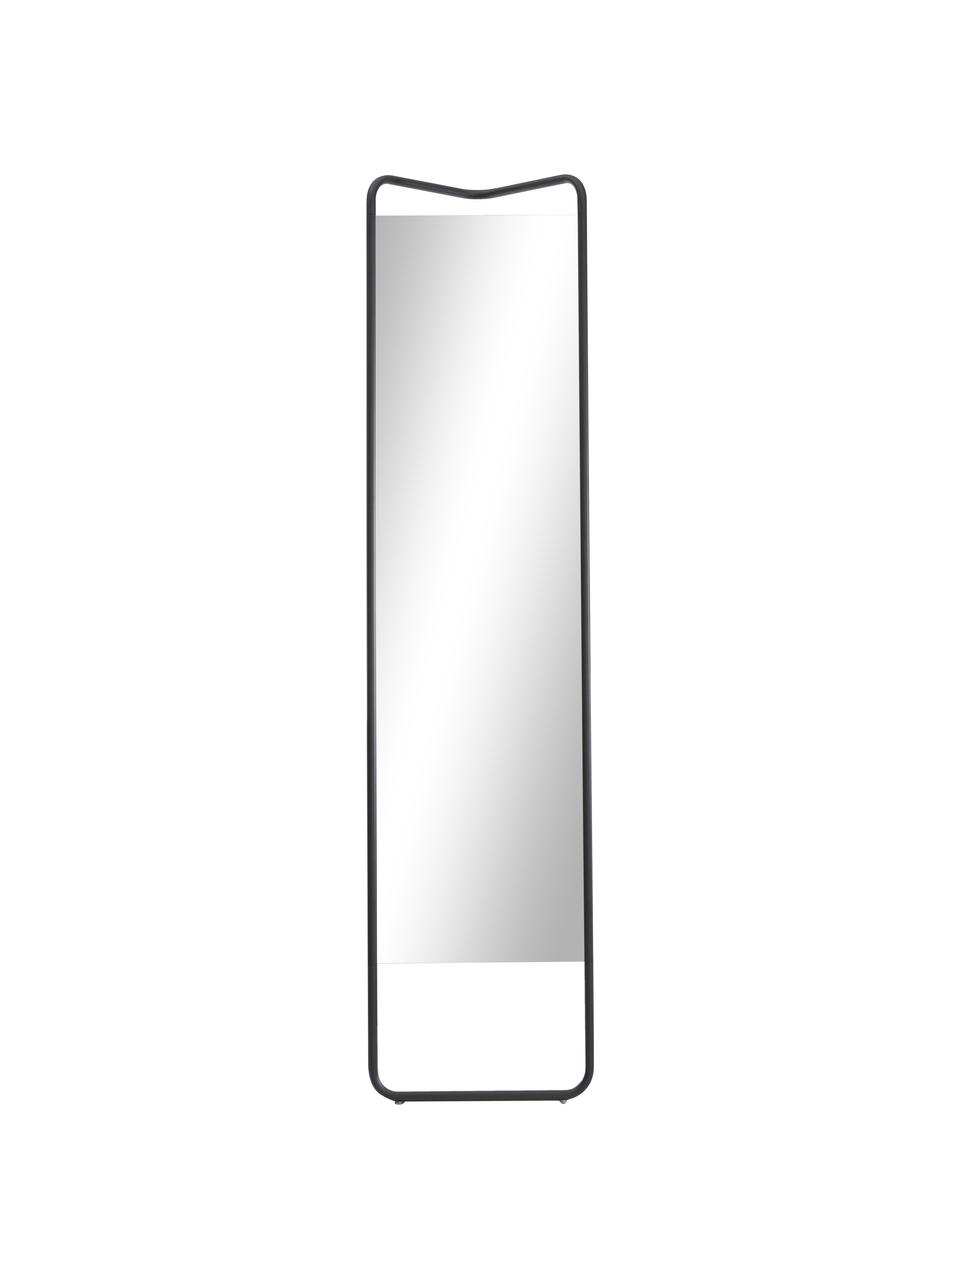 Eckiger Anlehnspiegel Kasch mit schwarzem Aluminiumrahmen, Rahmen: Aluminium, pulverbeschich, Spiegelfläche: Spiegelglas, Schwarz, 42 x 175 cm